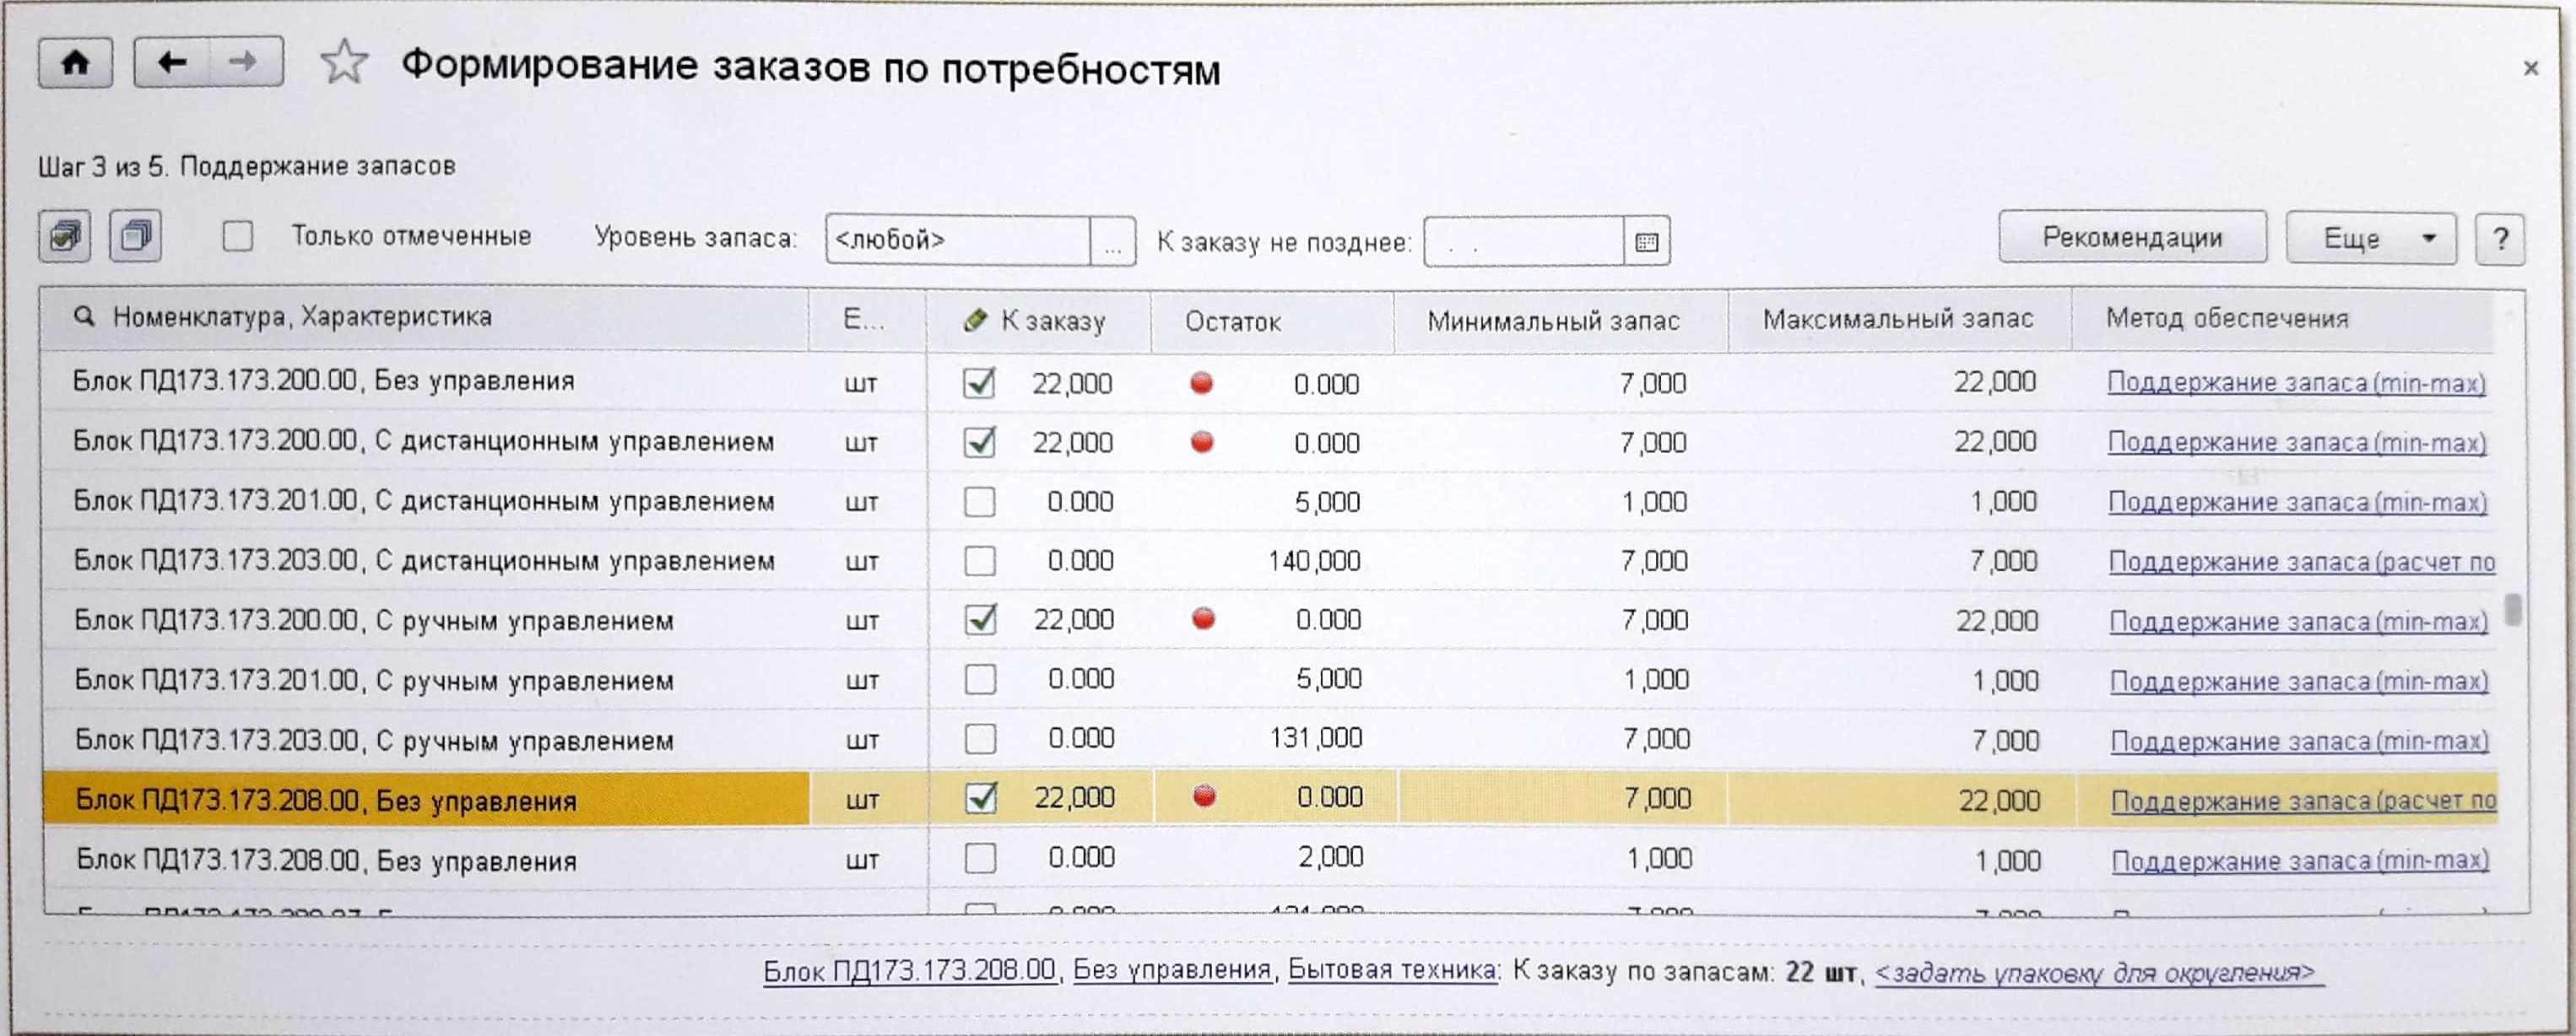 Управление закупками т в 1С: ERP - как выбрать систему управления предприятием - Купить решение